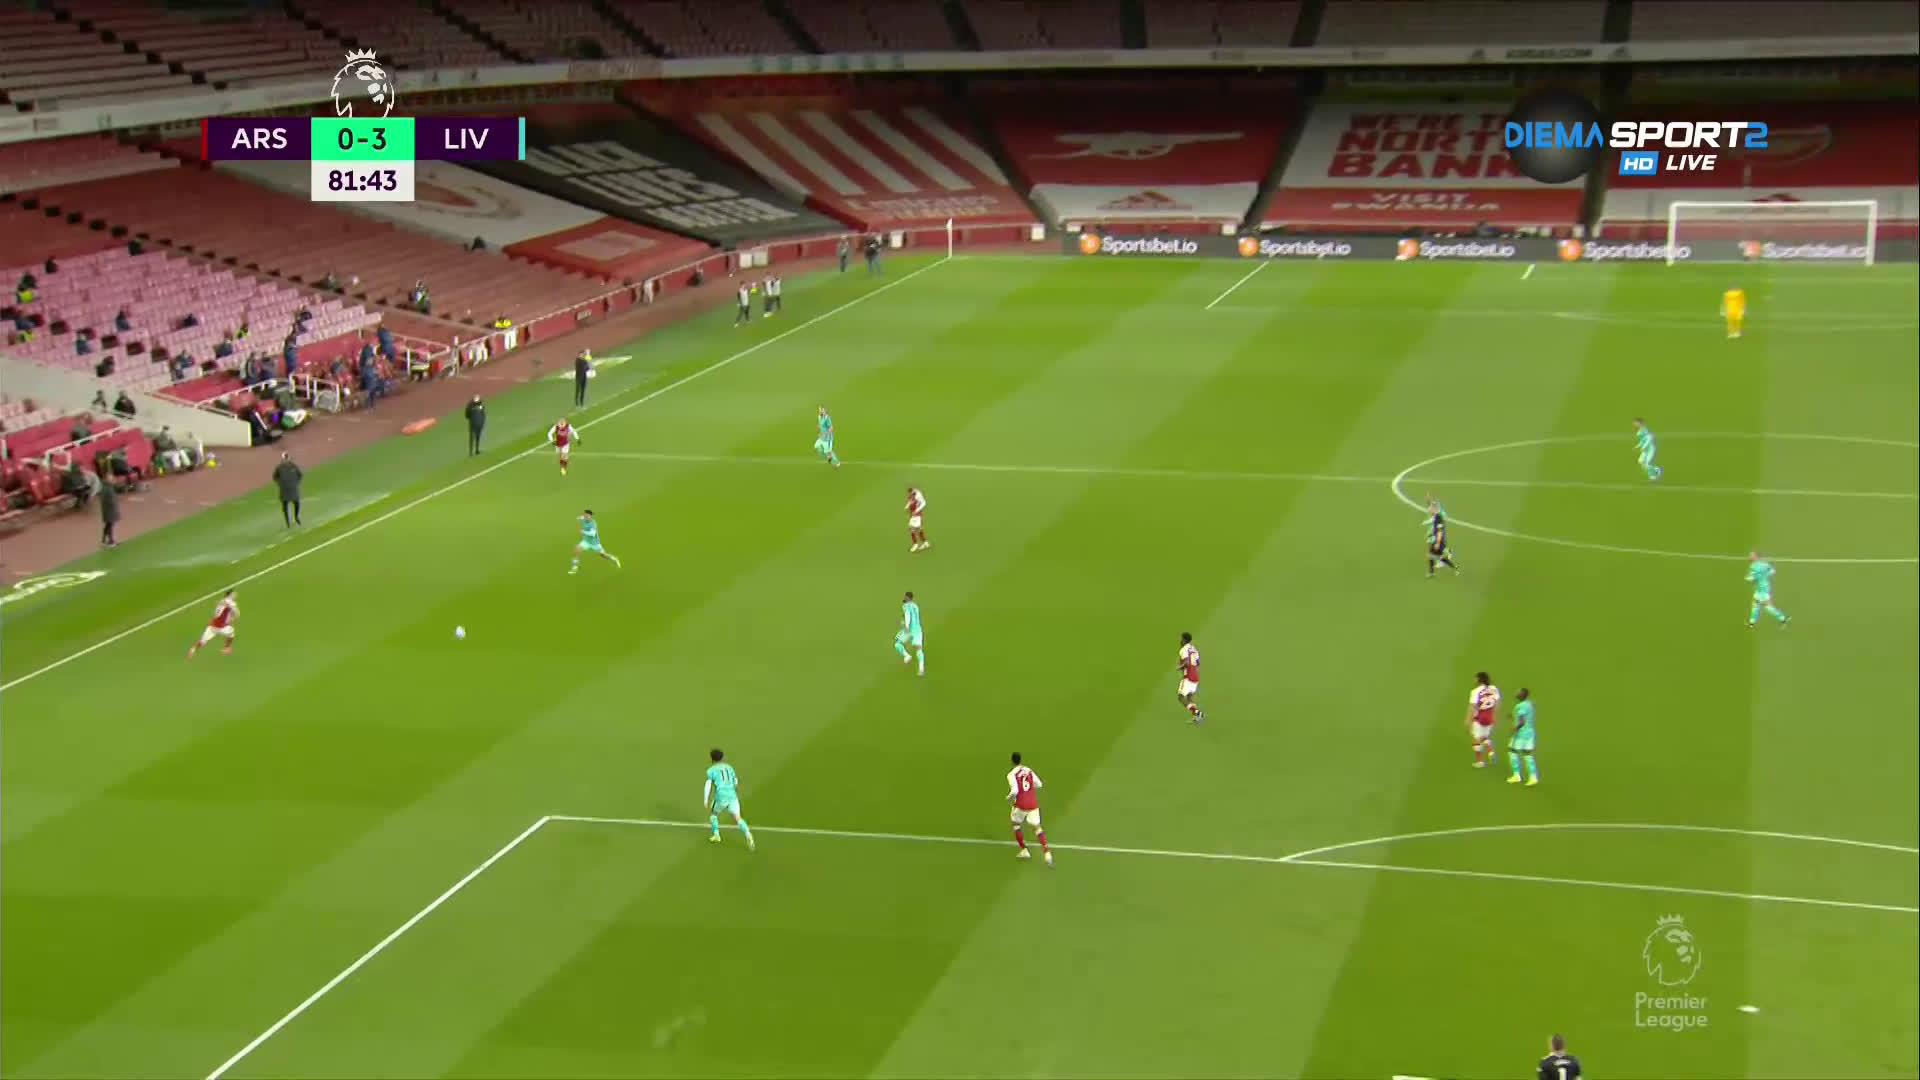 Арсенал - Ливърпул 0:3